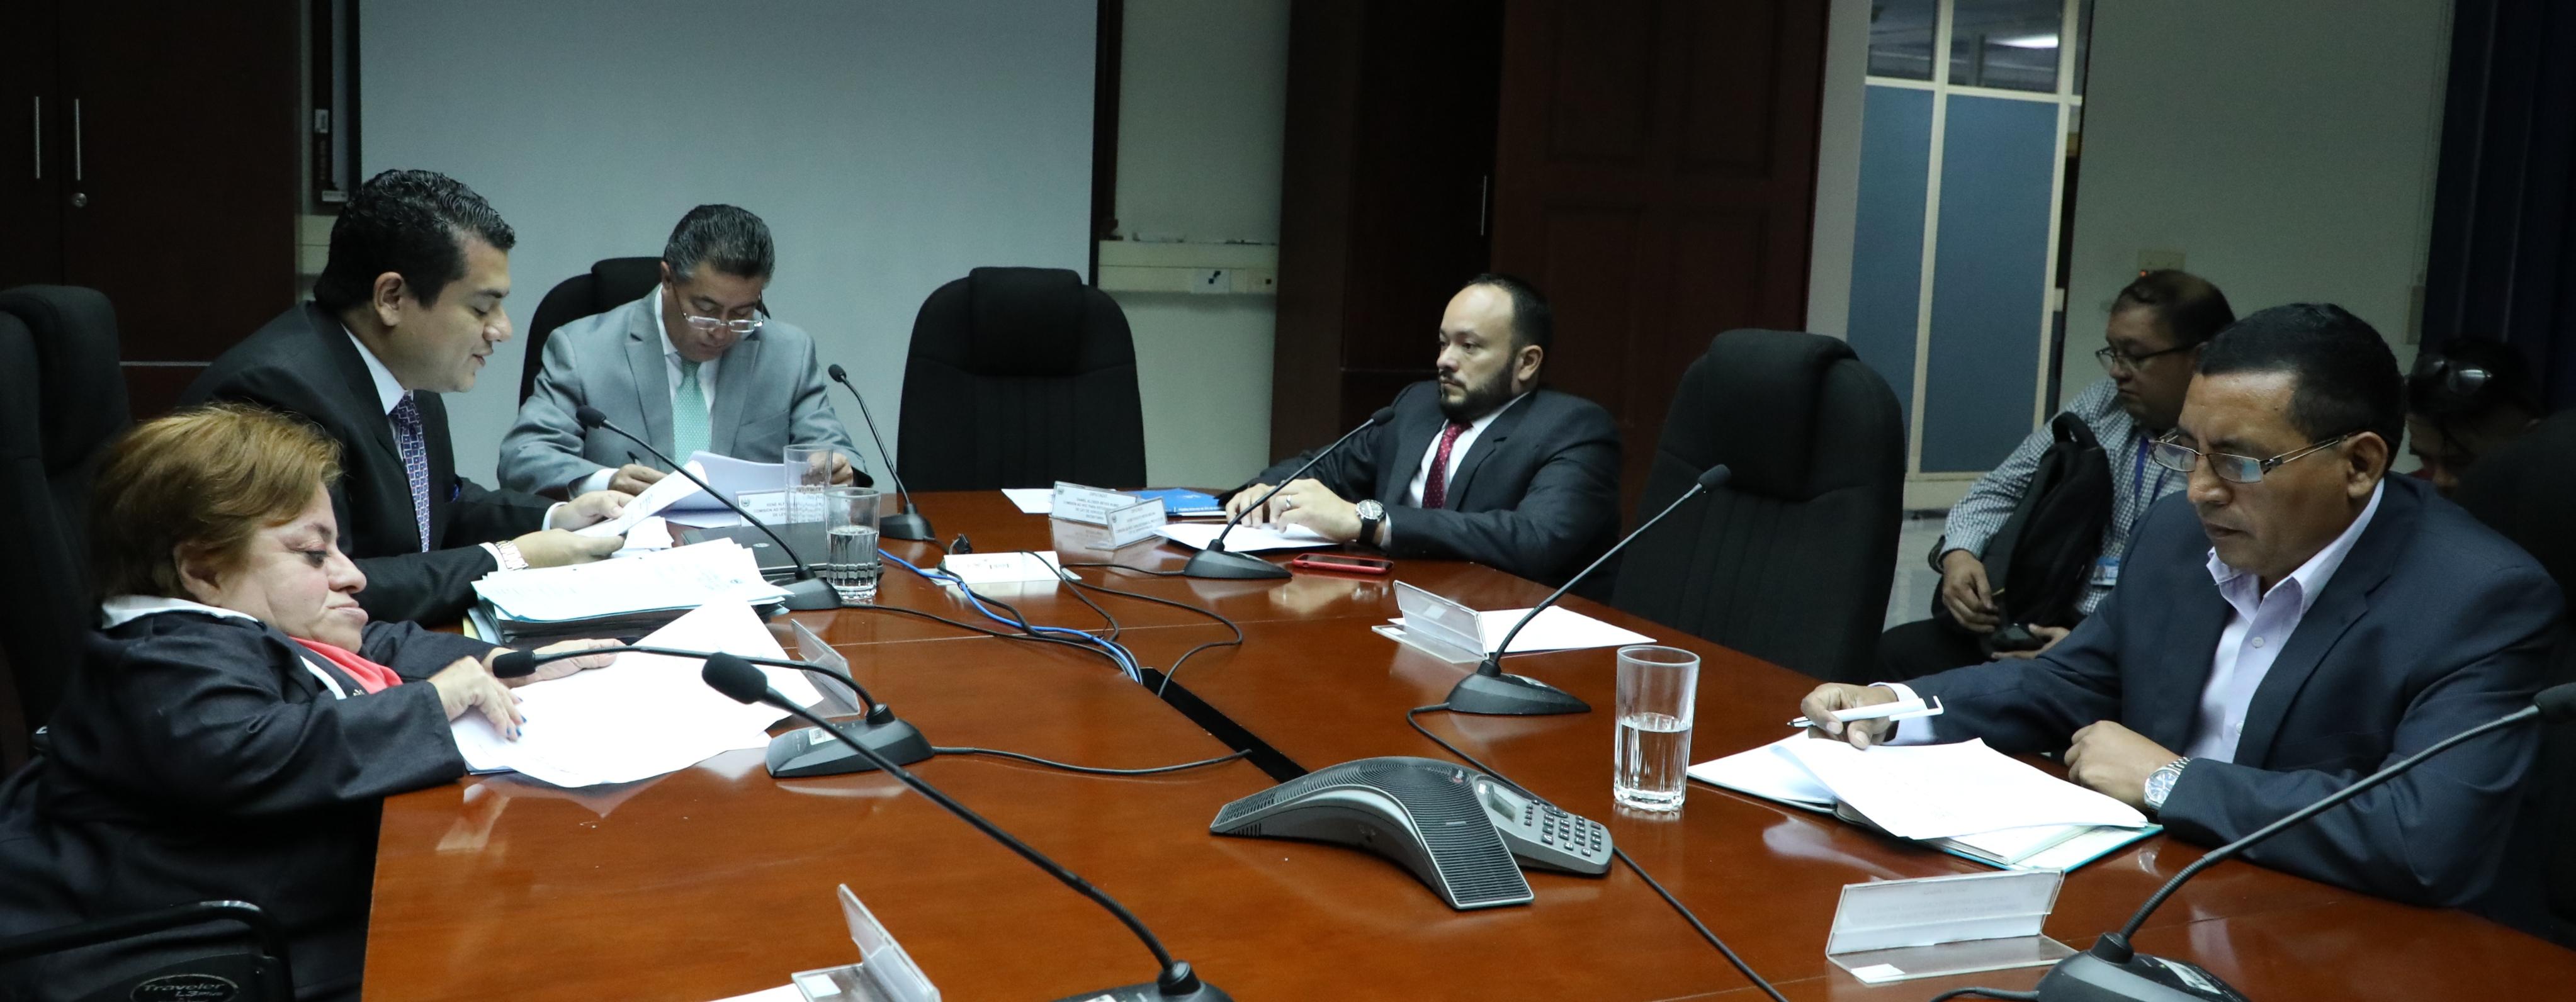 Someterán a consulta proyecto de Ley del Servicio Público